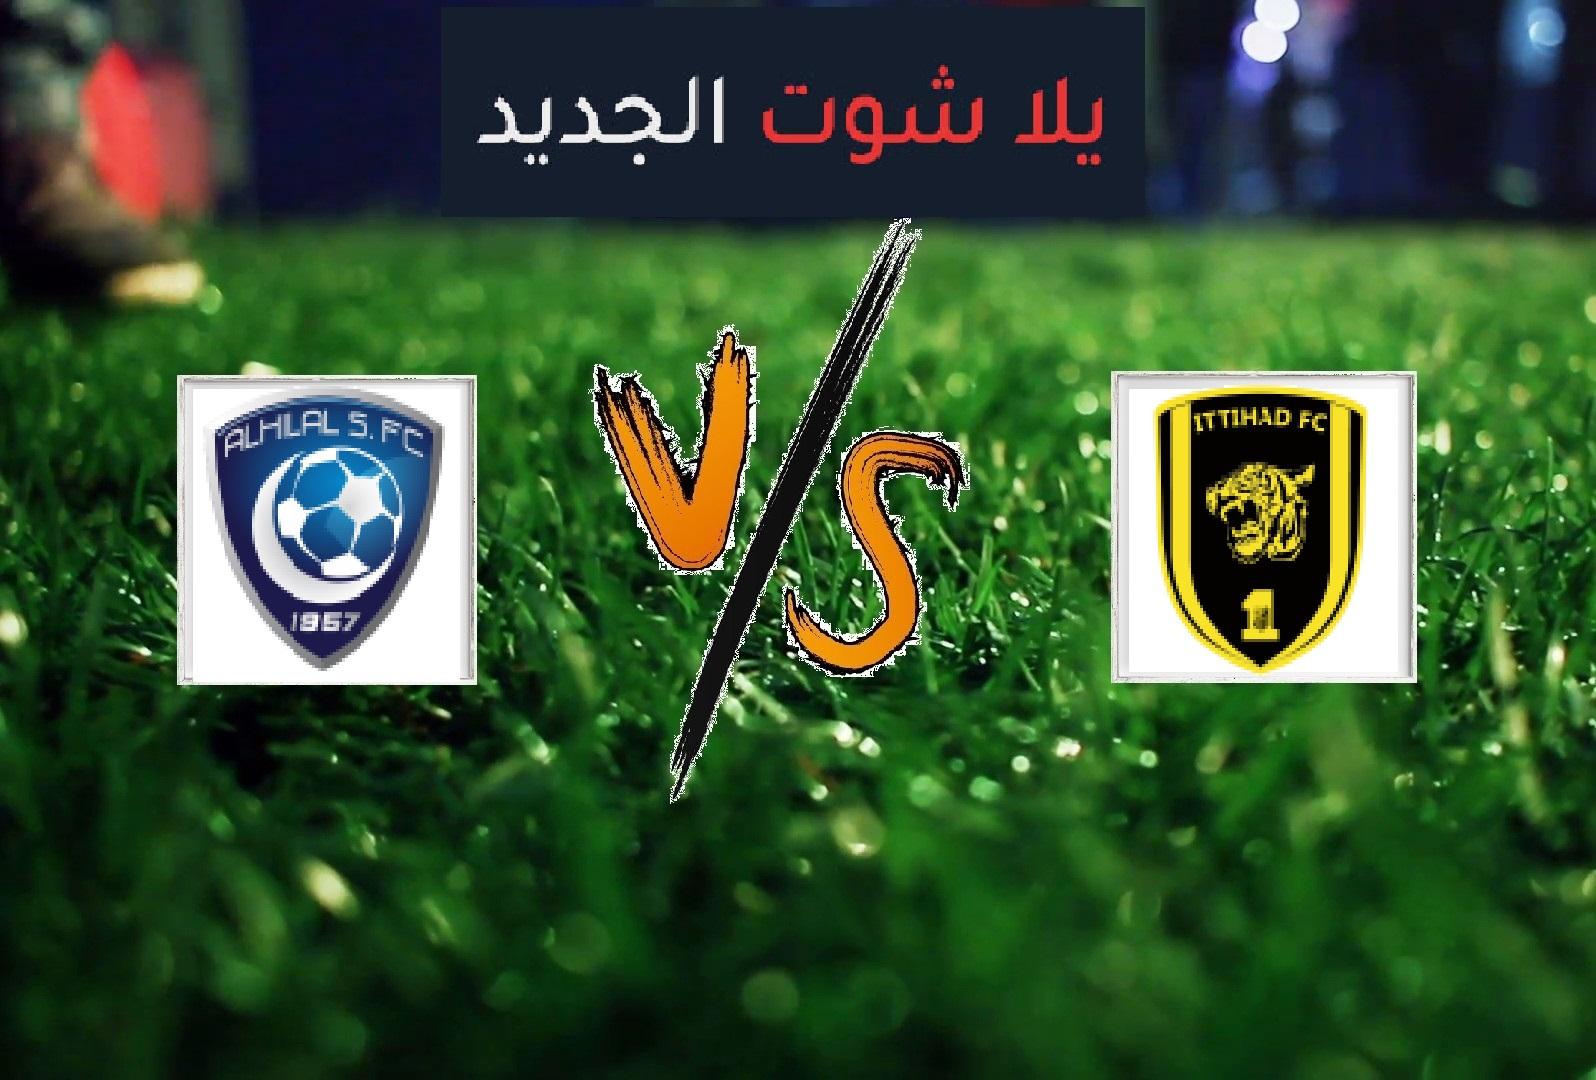 نتيجة مباراة الهلال والاتحاد بتاريخ 22-02-2020 الدوري السعودي